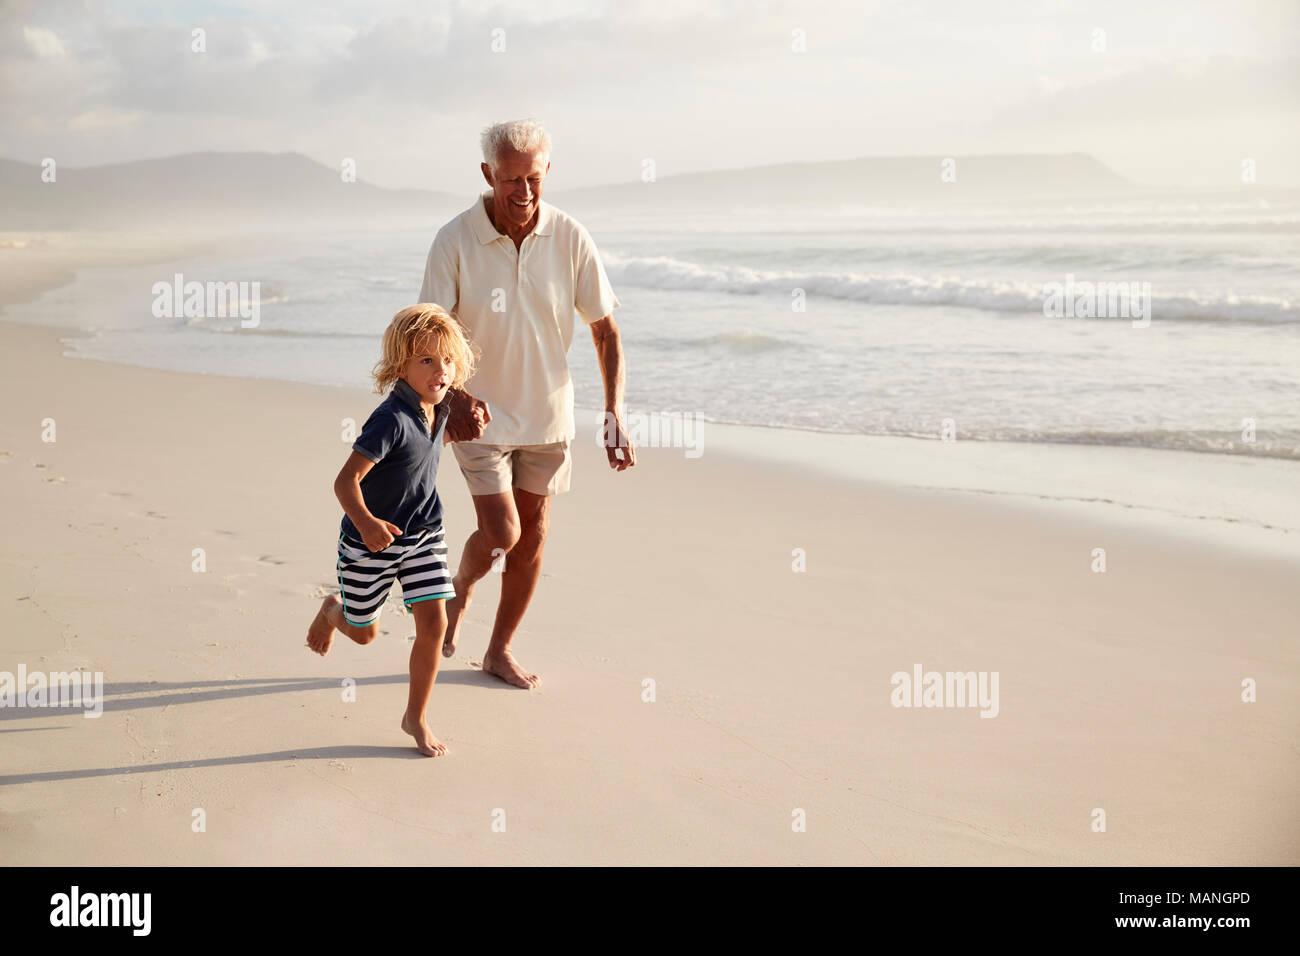 Grand-père le long de plage avec petit-fils en vacances Photo Stock